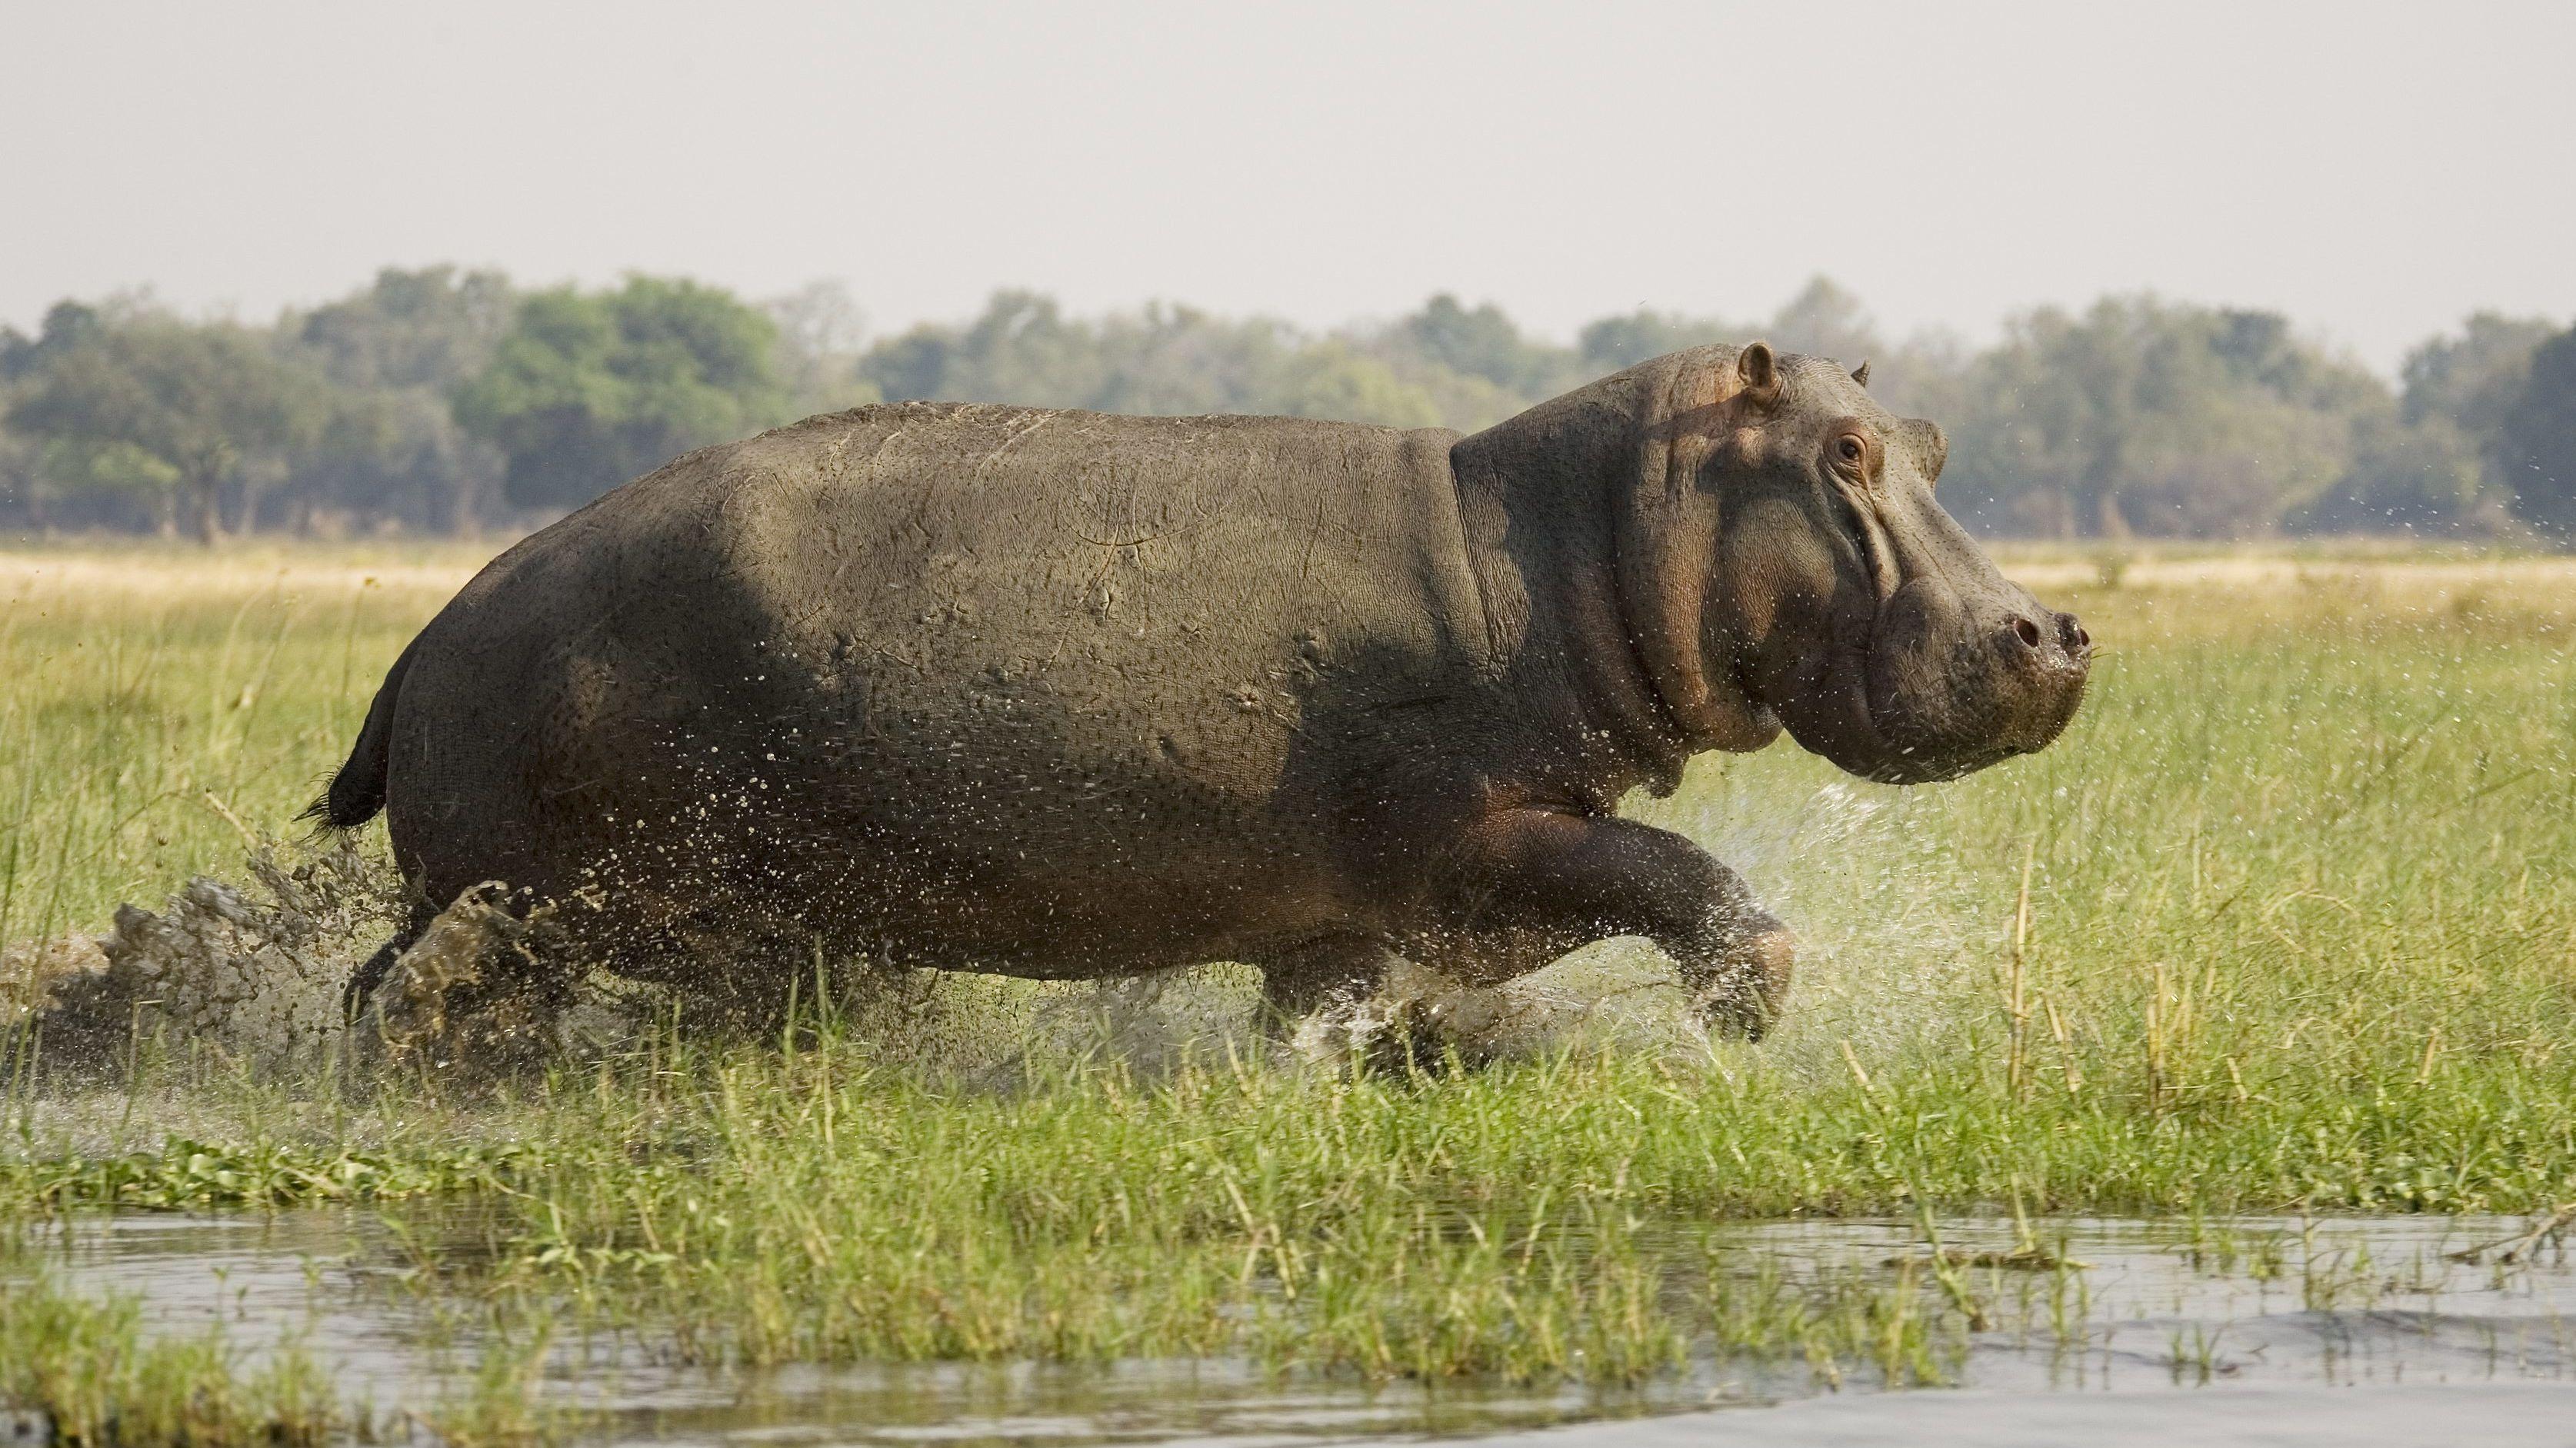 Aufgeschreckter Bulle rennt durch seichtes Wasser.